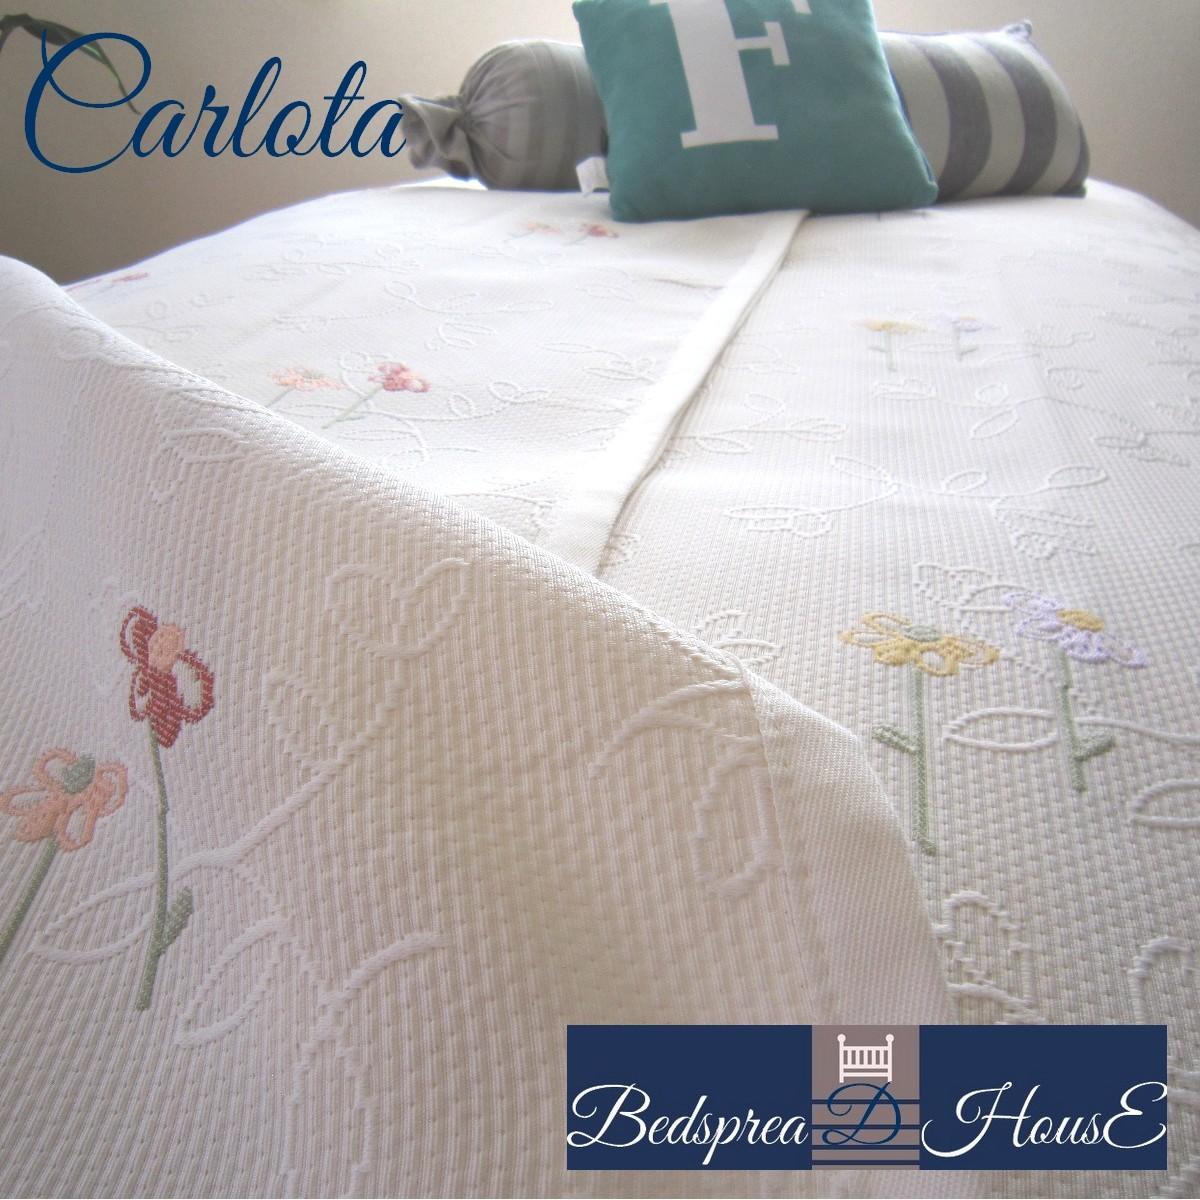 ベッドスプレッド カーロタ クイーン 250×270 cm スペイン製 日本仕様 ジャガード織 リバーシブル 2.3 kg 超広幅生地&デザイン 継ぎ目が無い ベッドカバー ホテル仕様 マルチカバー ギフト プレゼント ご家庭洗濯可